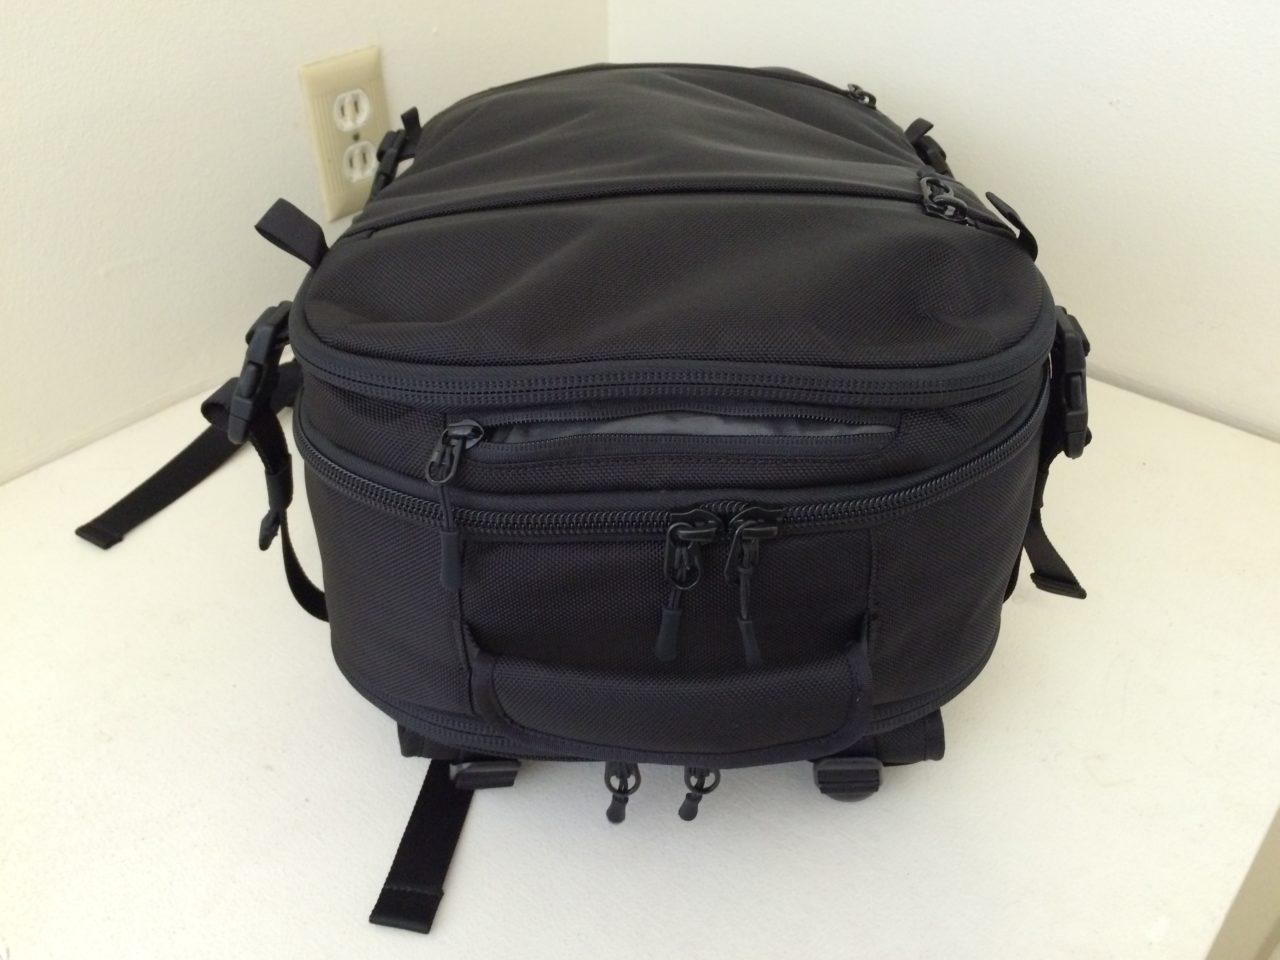 Aer Travel Pack top pocket